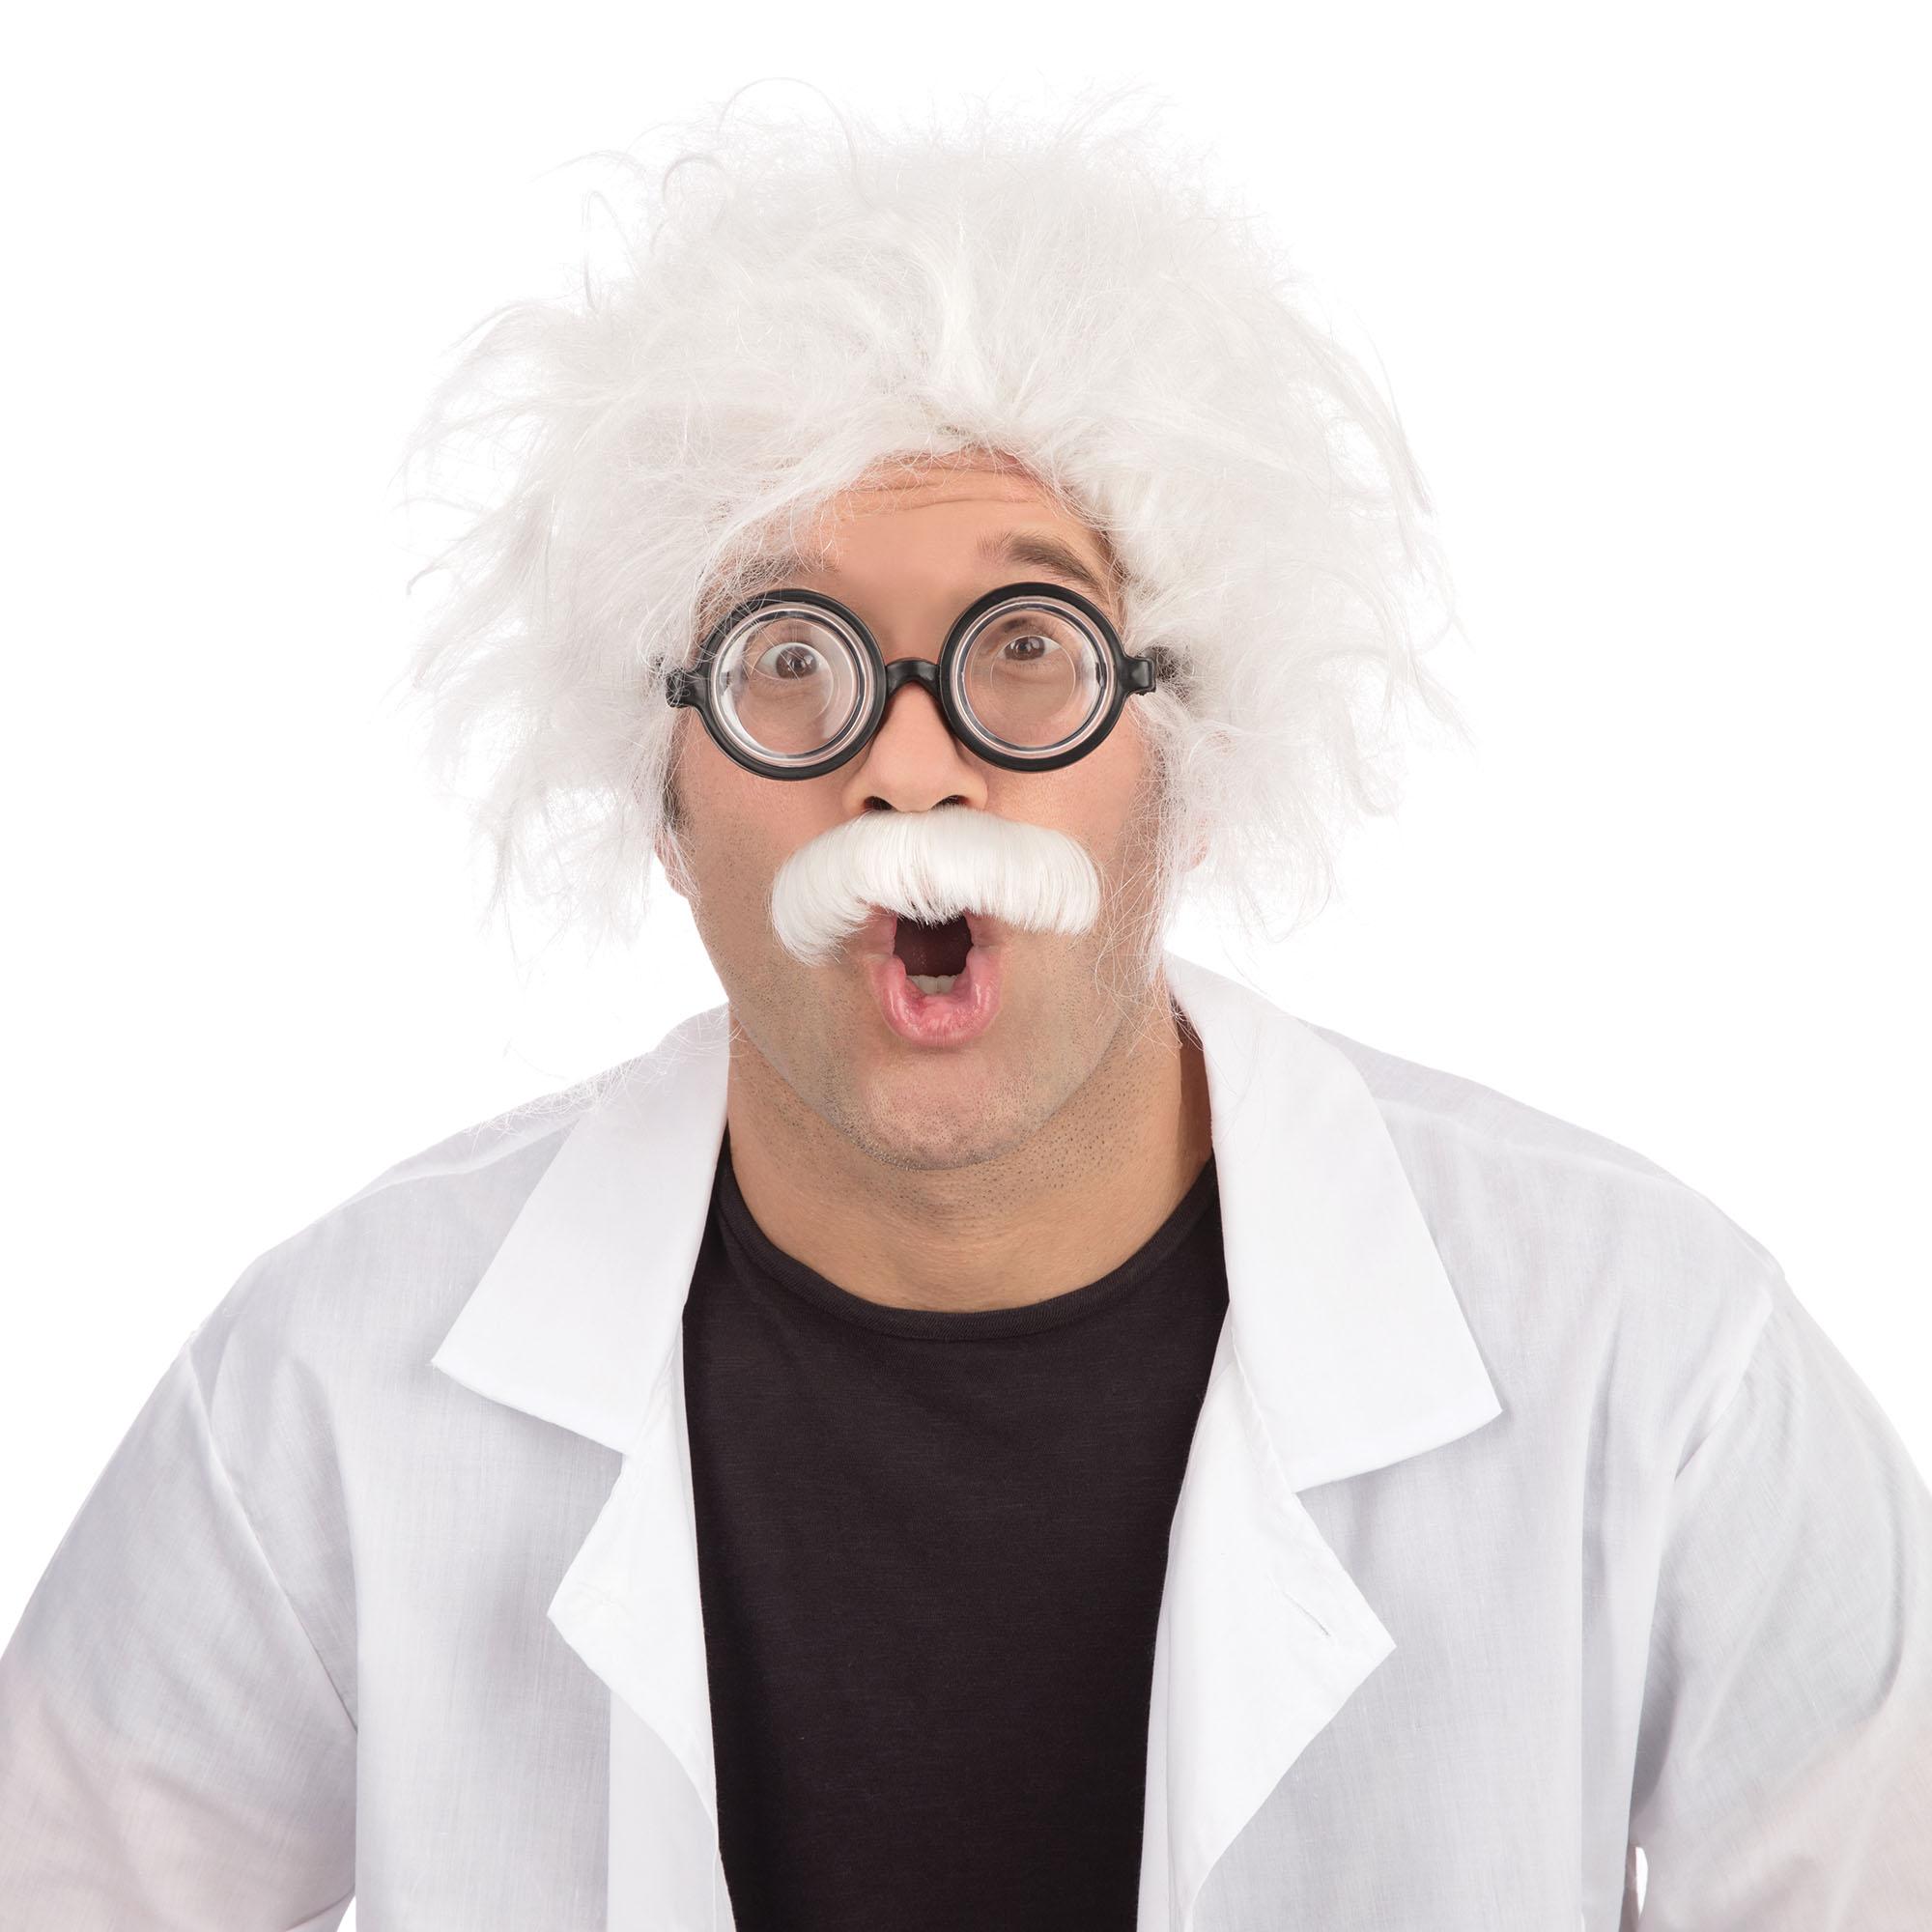 Mens Mad Man Wig Einstein Scientist Halloween Fancy Dress Costume Accessory